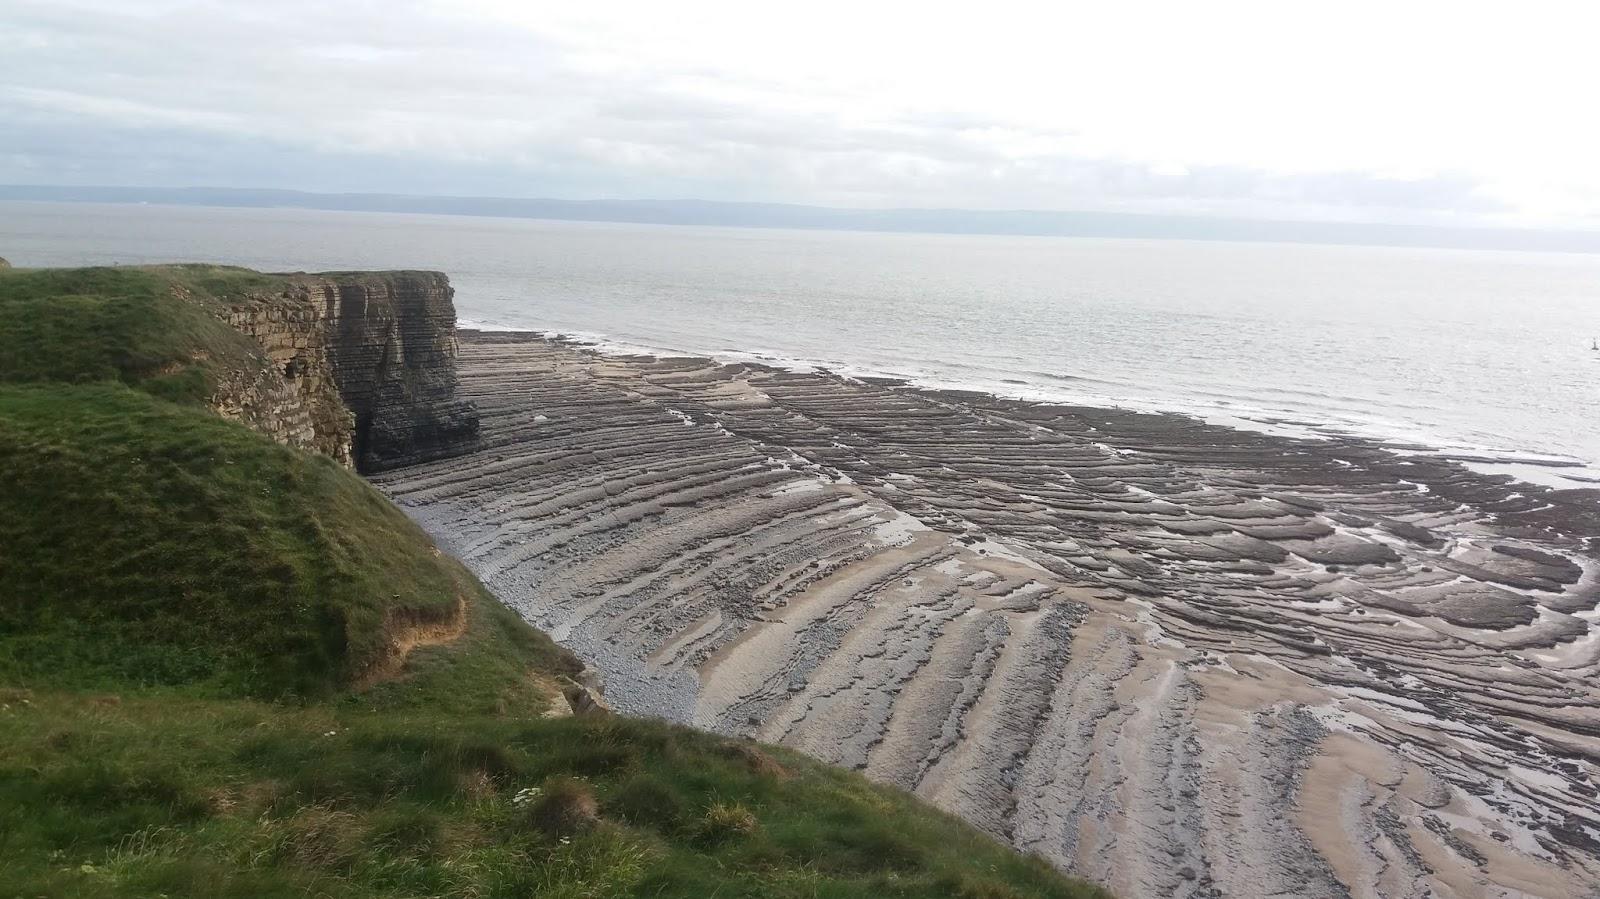 20170824 160828 rock patterns on Traeth Mawr beach